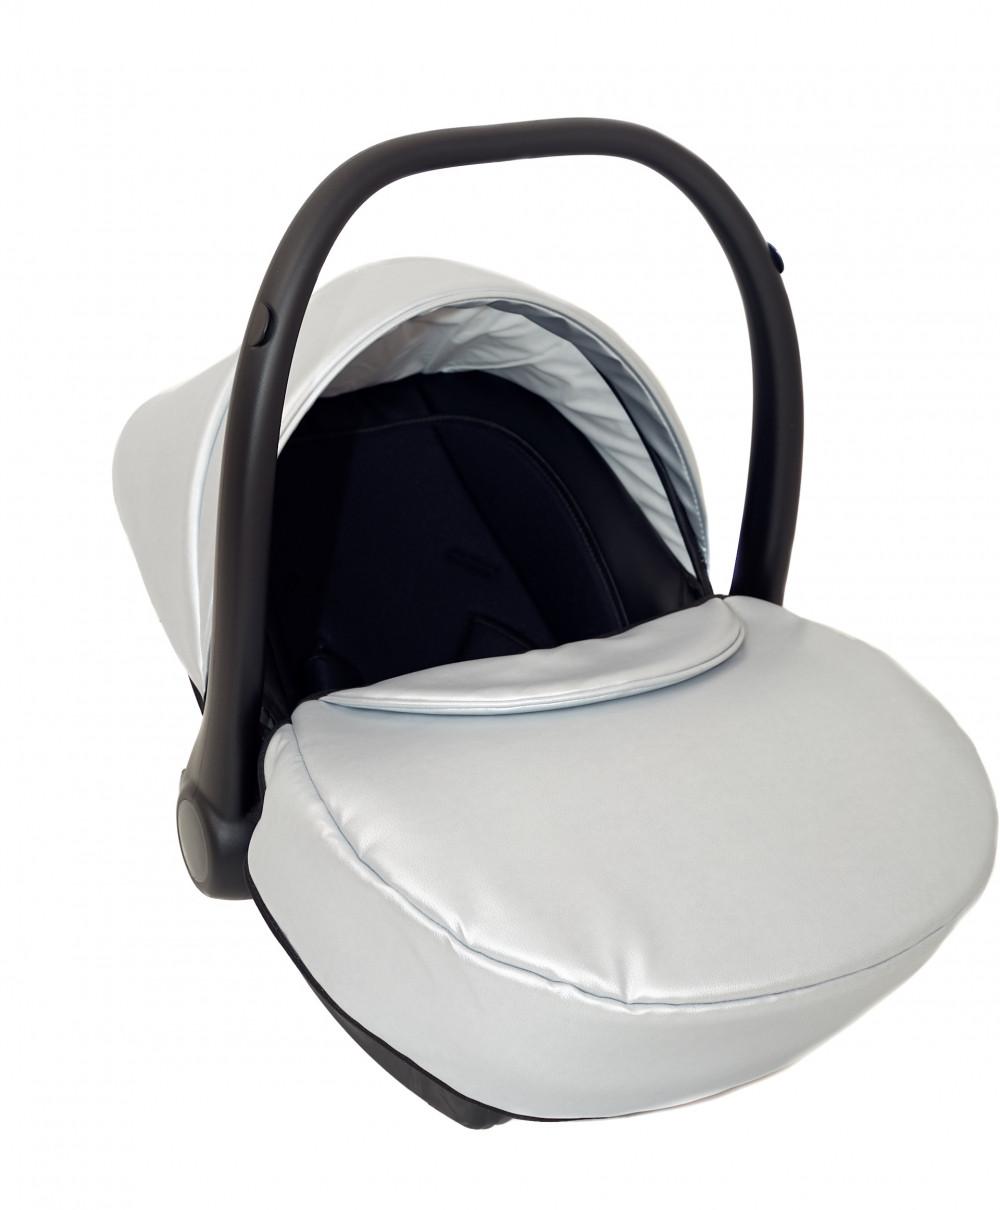 Детское автокресло Verdi Mirage Eco Premium silver (0-13 кг)